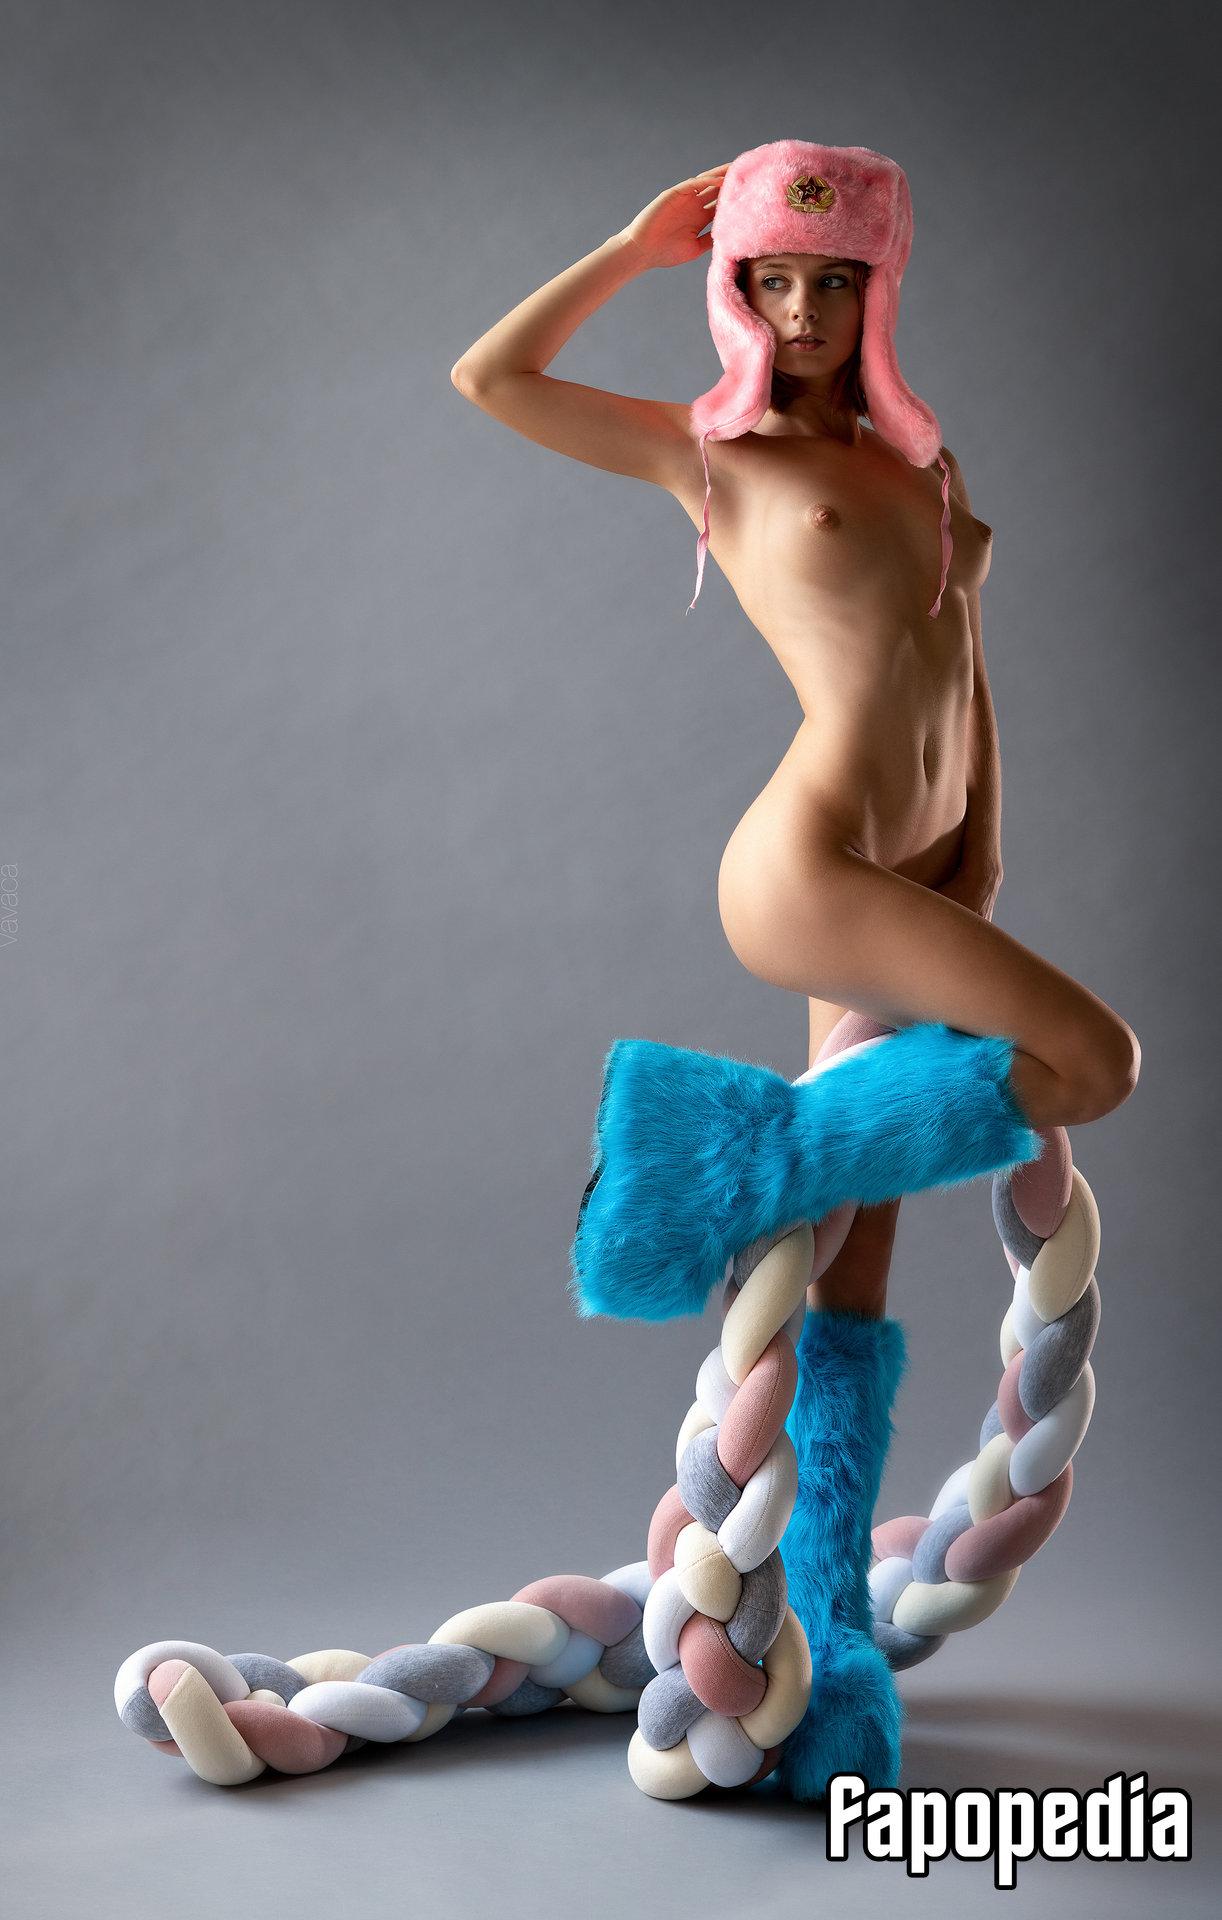 Littbarski nackt Michelle  Pierre littbarski